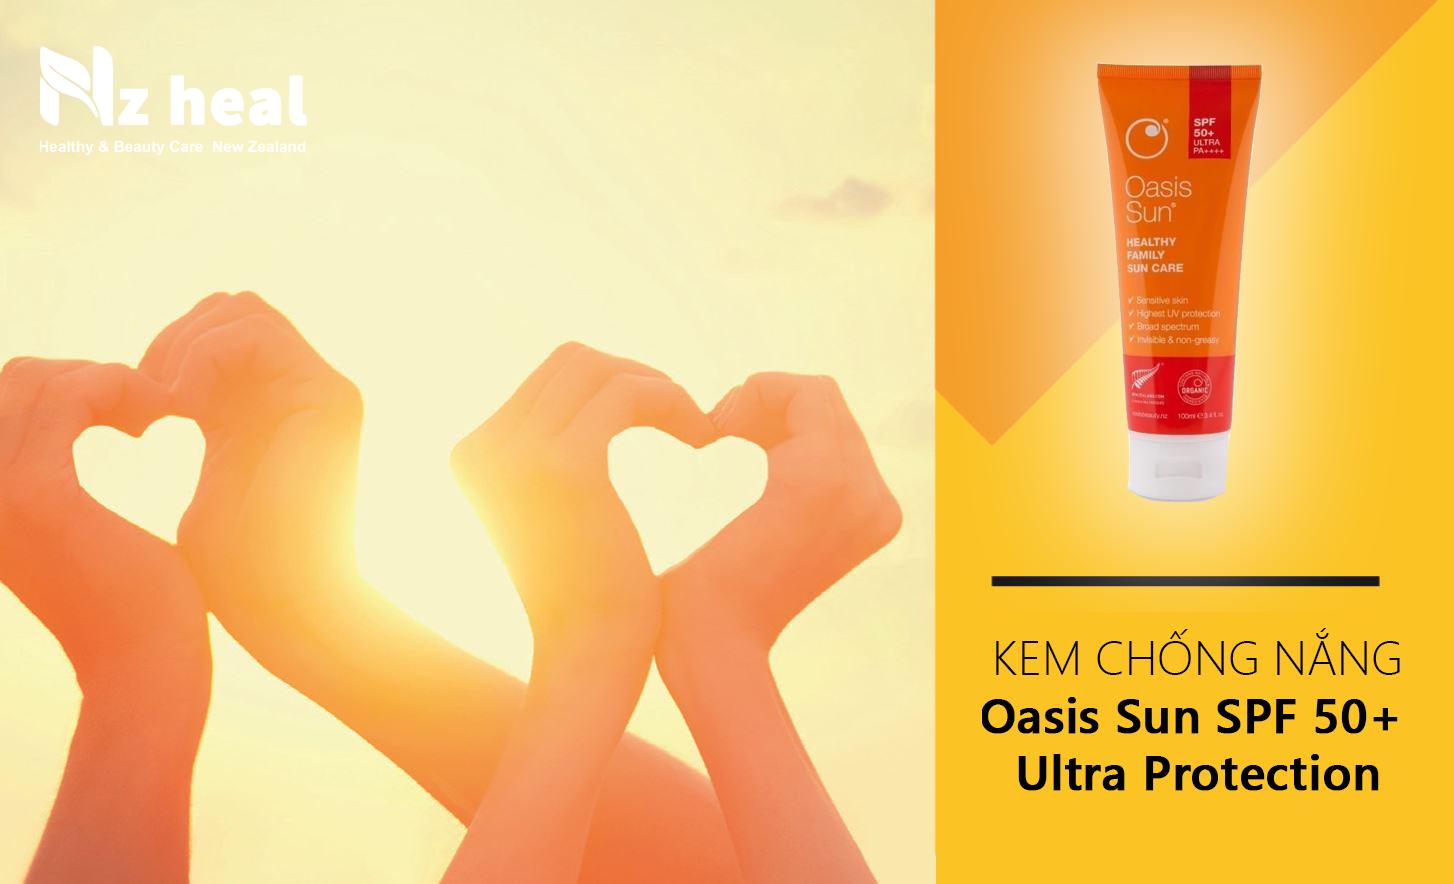 Kem chống nắng Oasis Sun SPF 50+ Ultra Protection dành cho da nhạy cảm